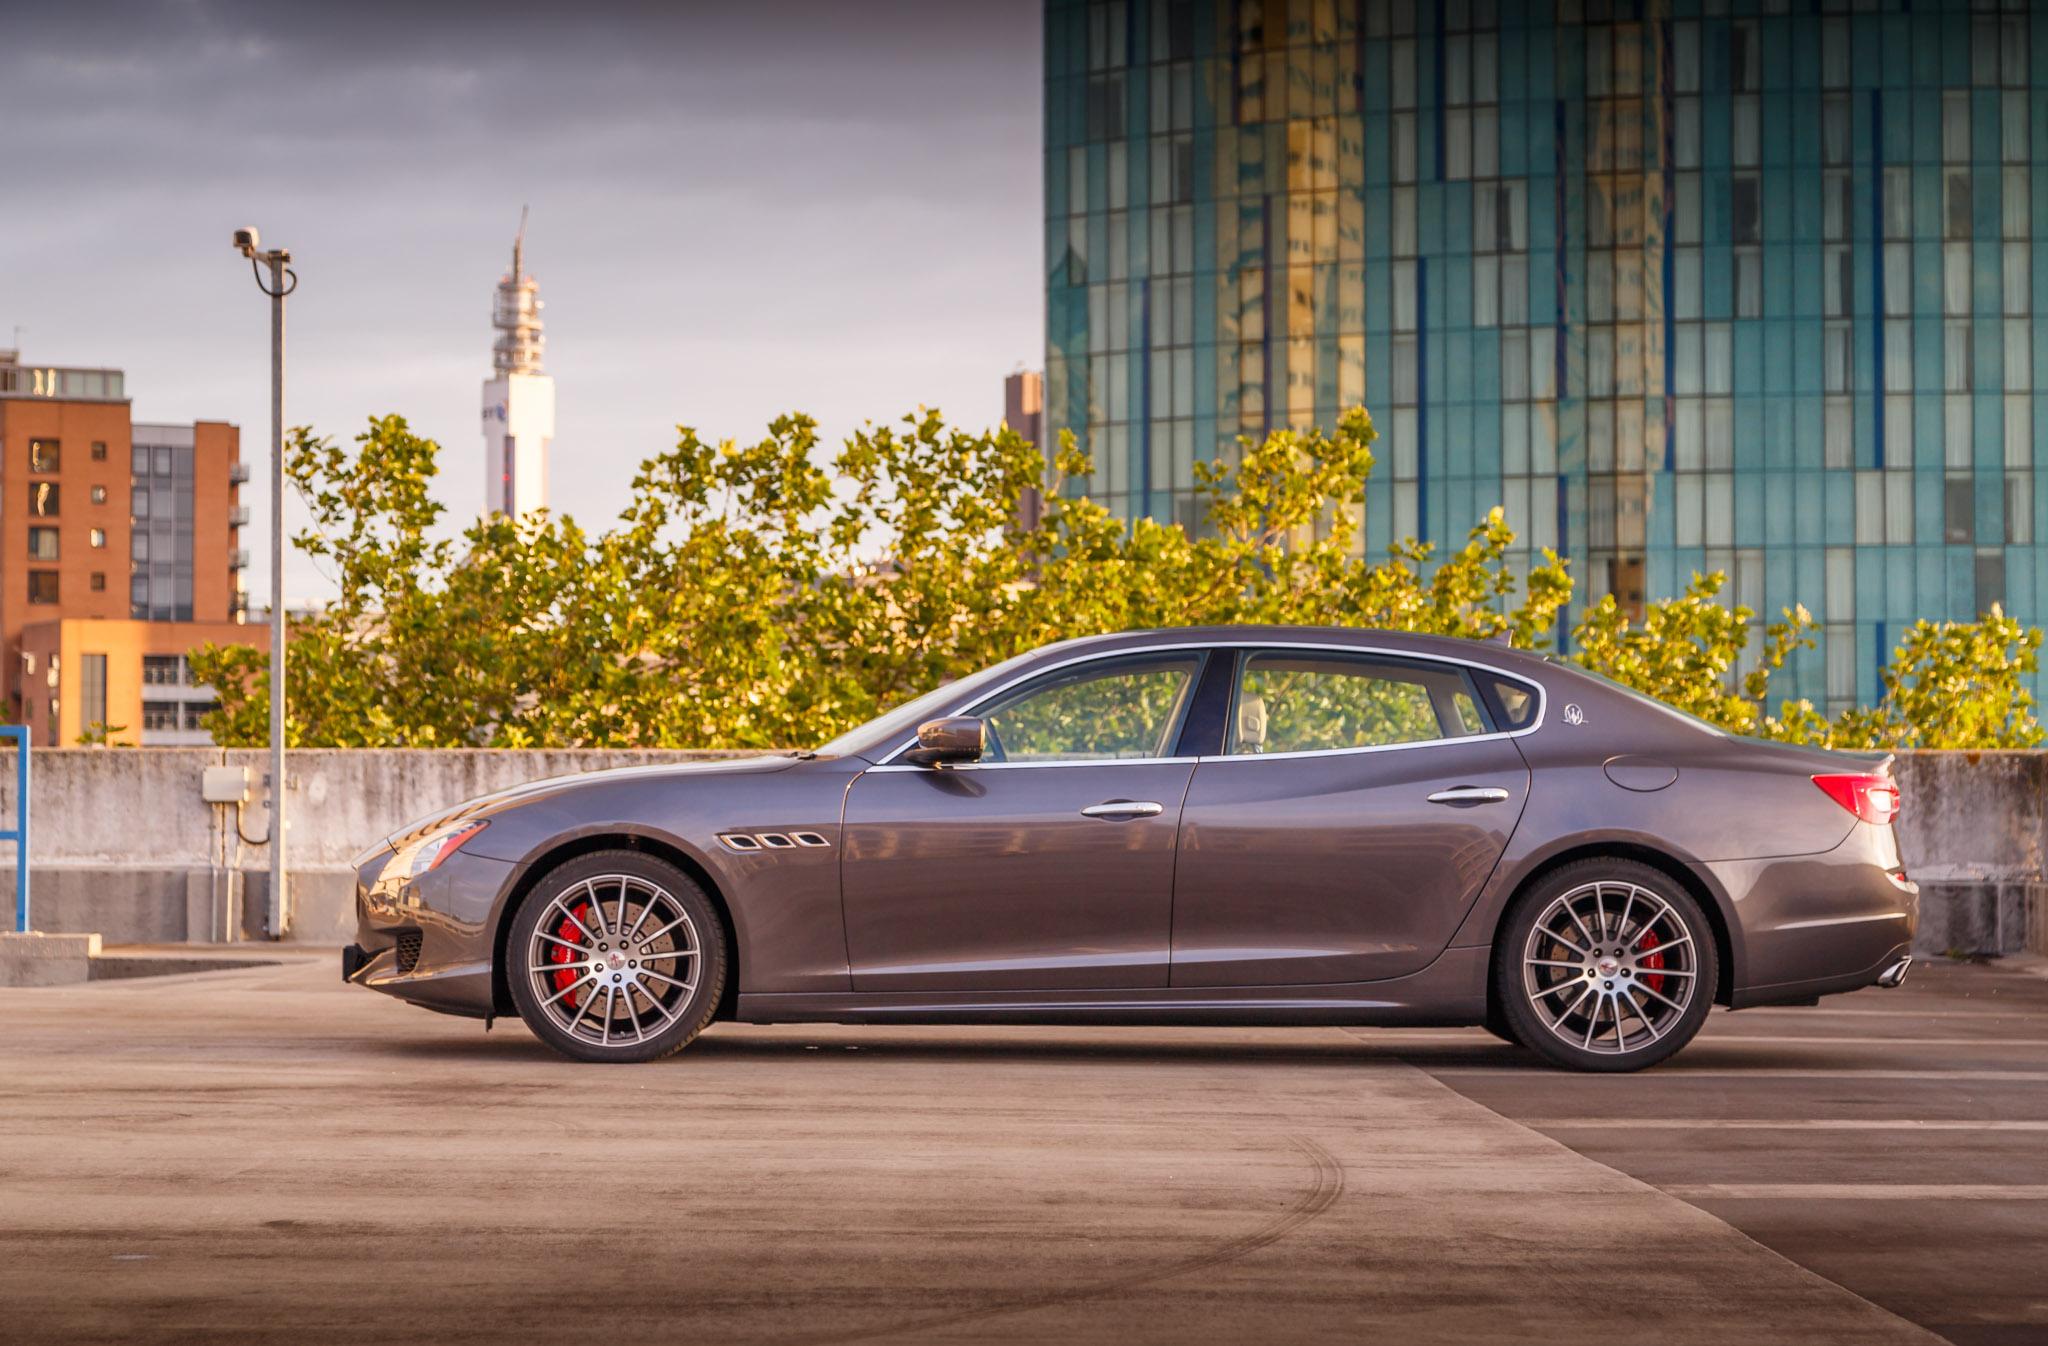 Maserati Quattroporte GTS 2015 Gallery